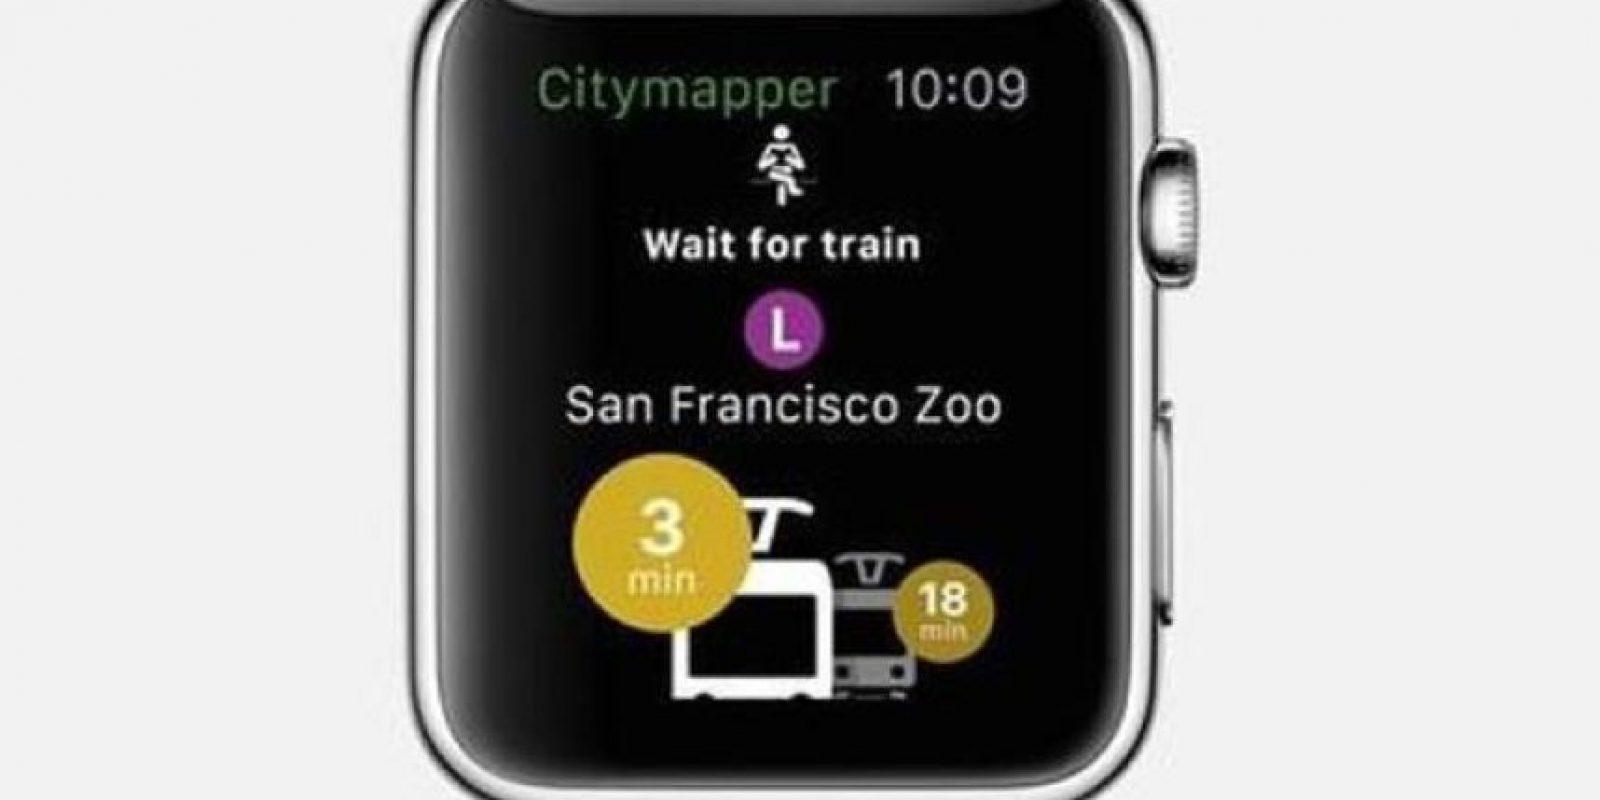 Citymapper: Si están en una ciudad que no conocen, esta app los guiará hasta su destino diciéndoles cómo llegar en transporte público. Foto:Apple